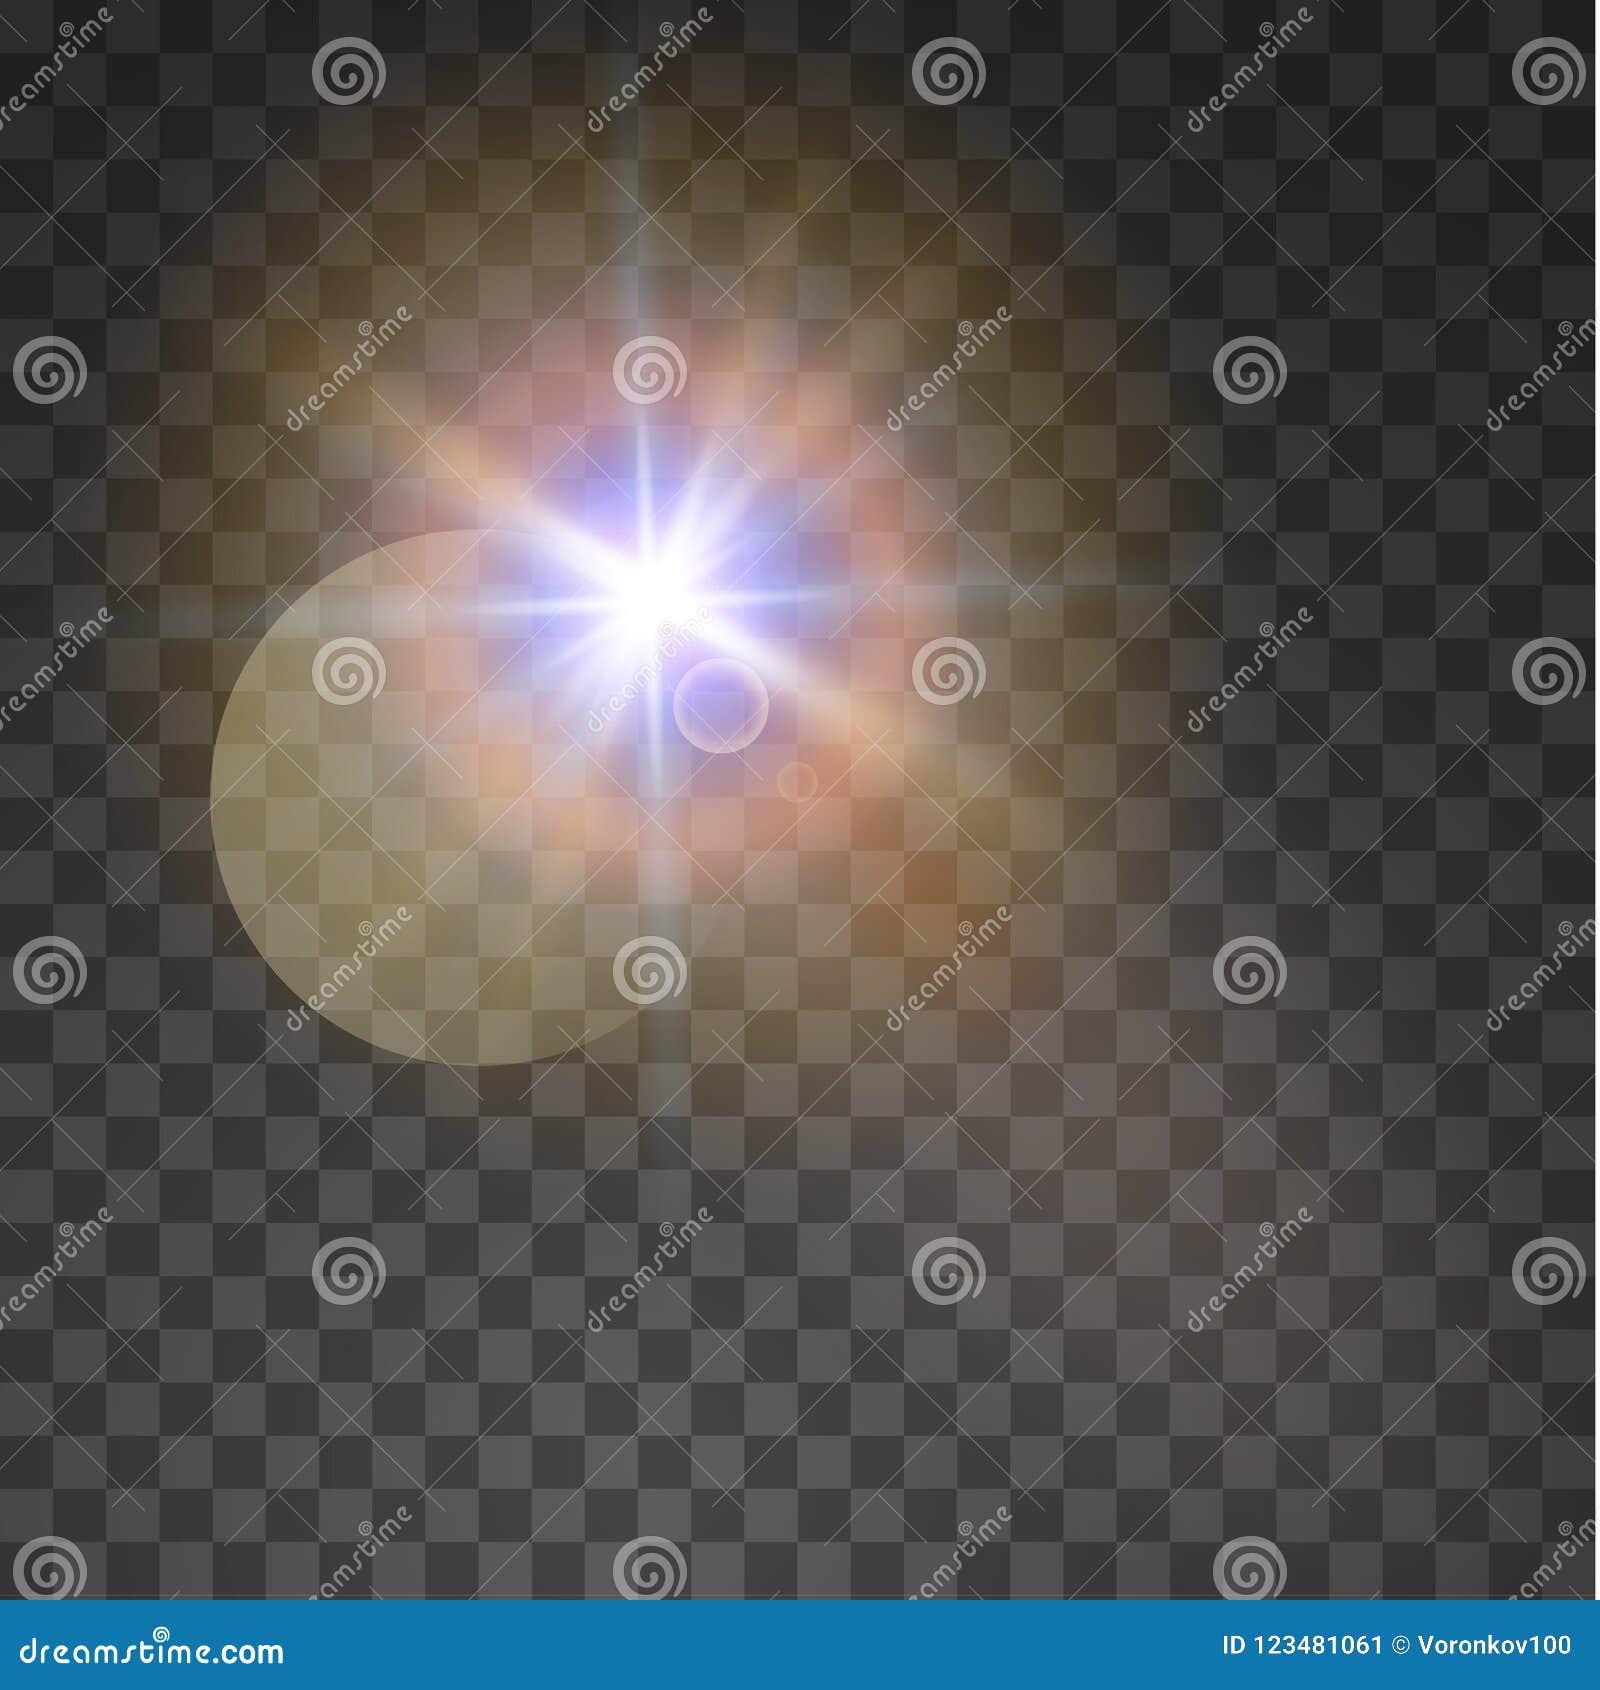 Transparent sunlight special lens flare. Vector illustration